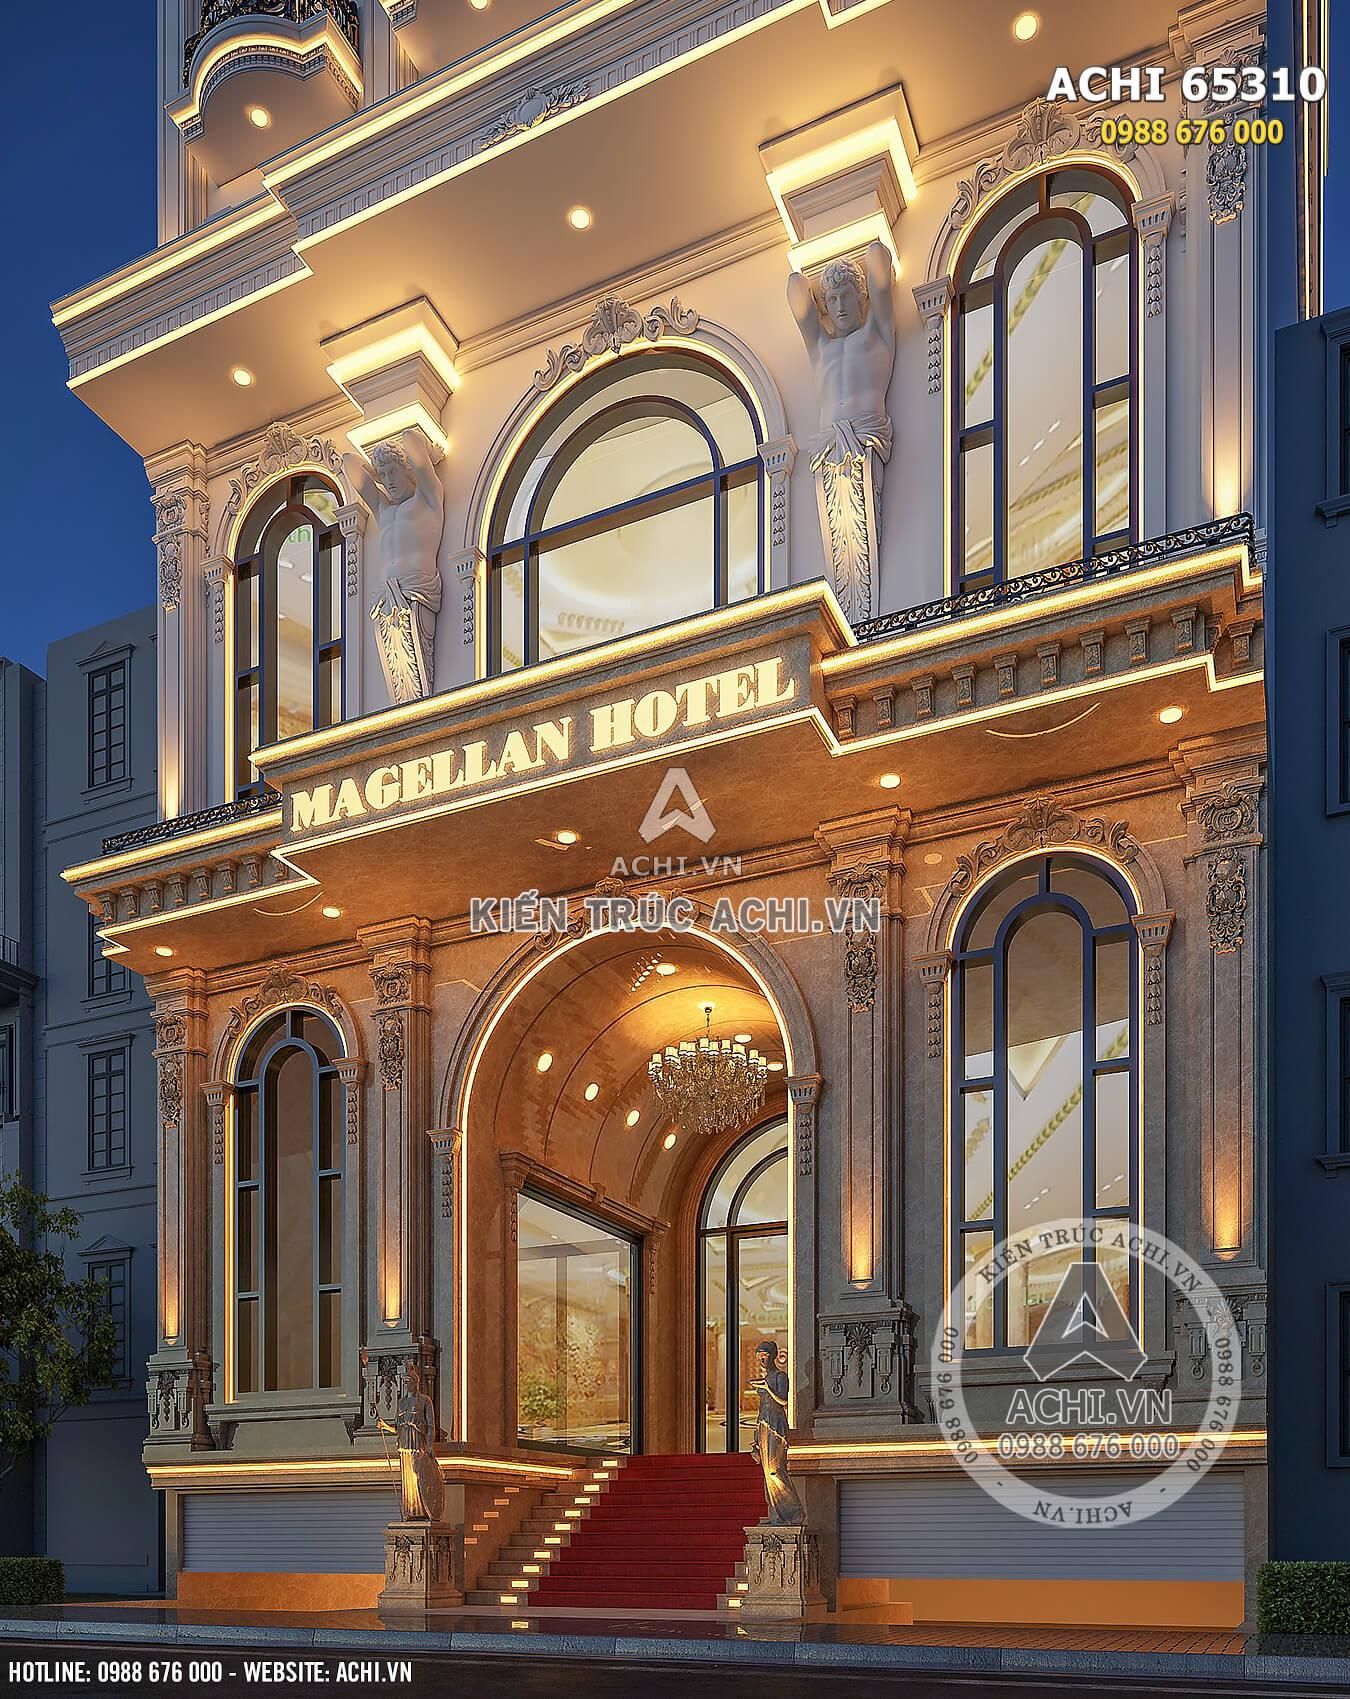 Cận cảnh không gian sảnh mẫu thiết kế khách sạn tân cổ điển 4 sao